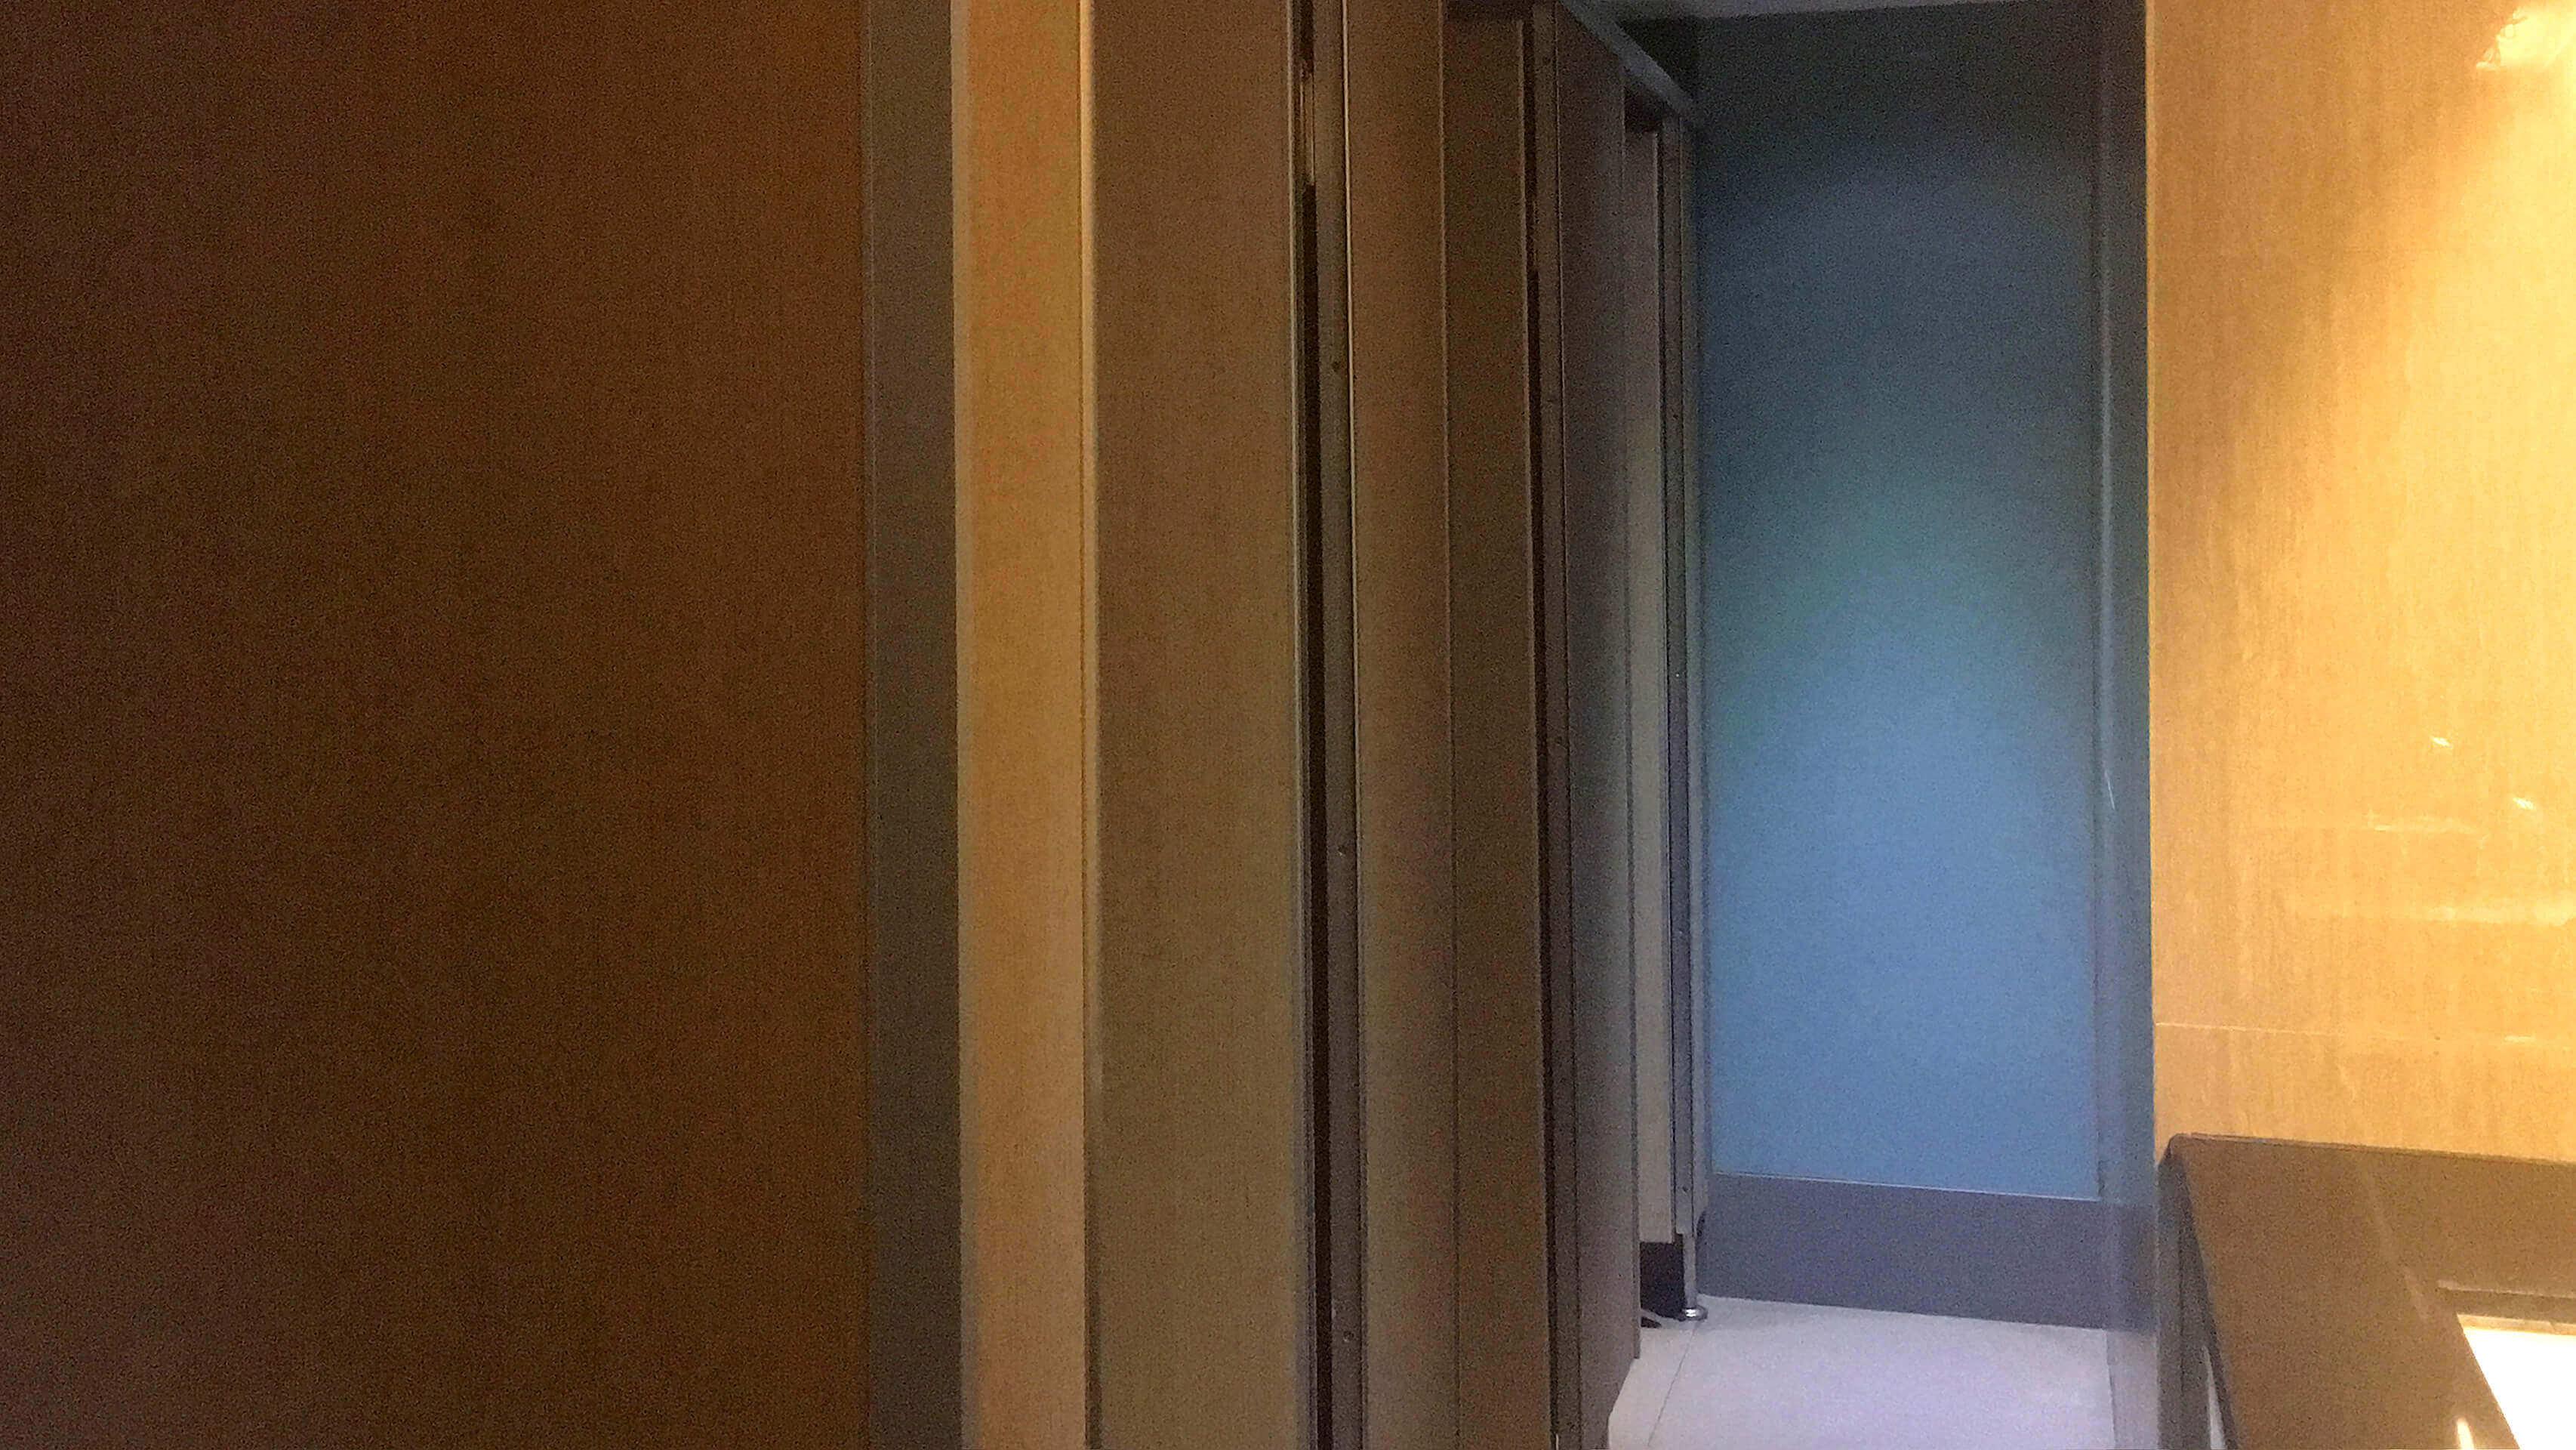 エカマイ バンコクビジネスセンター オフィス物件 女性トイレの様子